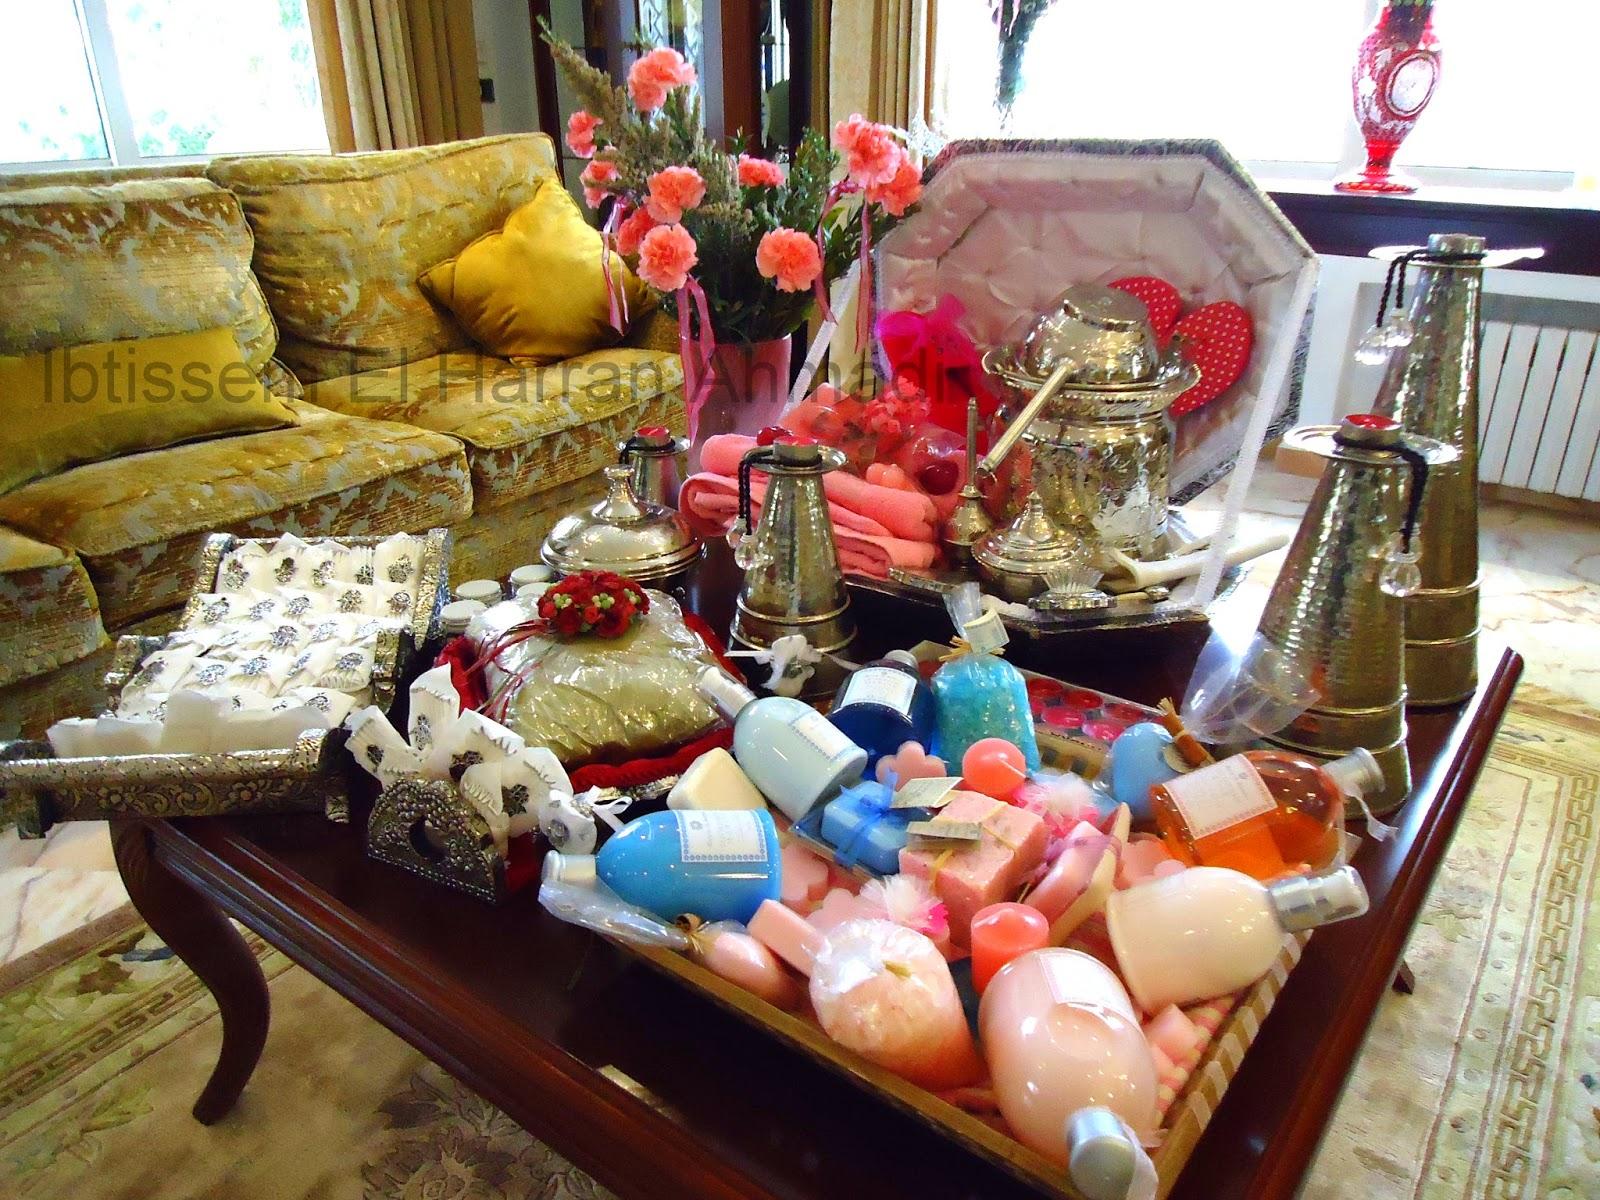 d lices et caprices pr paratifs d 39 un hammam de mari e tunisienne. Black Bedroom Furniture Sets. Home Design Ideas